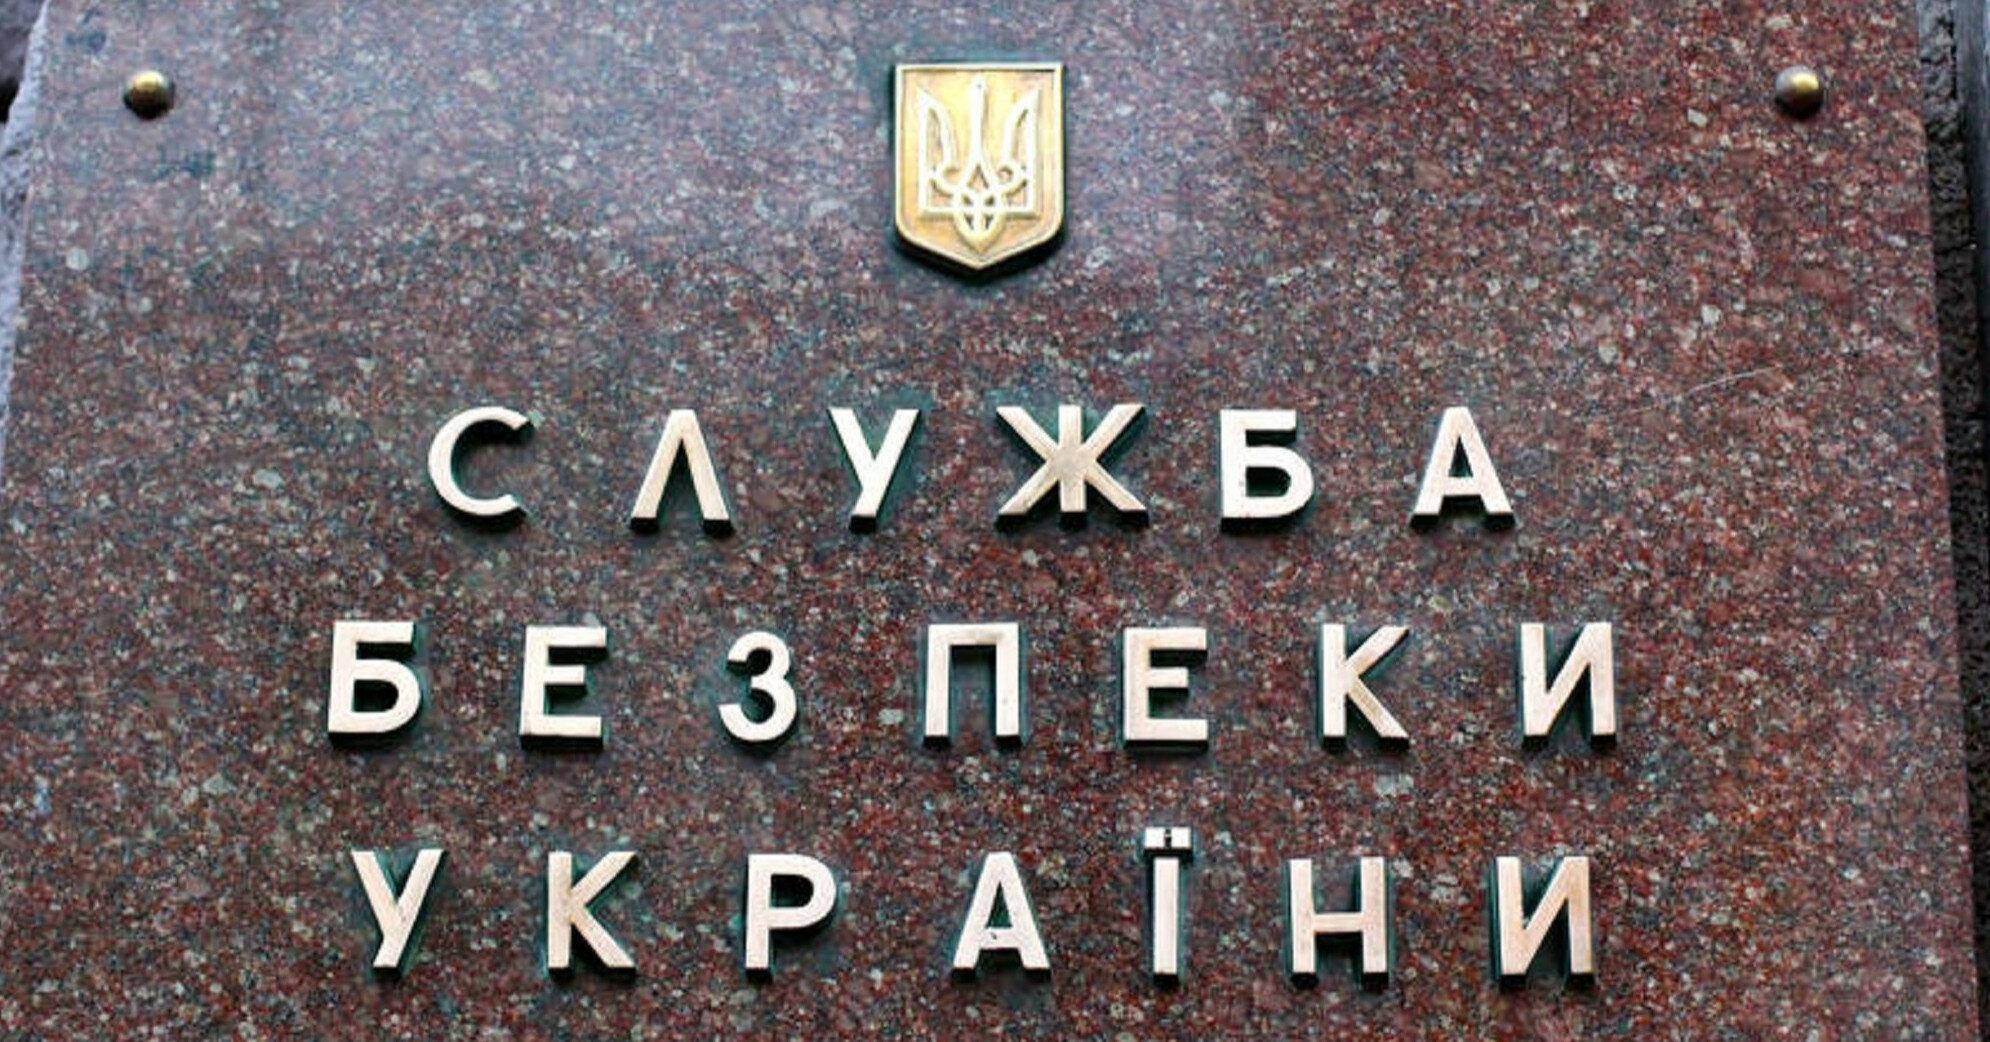 СБУ разоблачила группу интернет-агентов, которых координировали с РФ